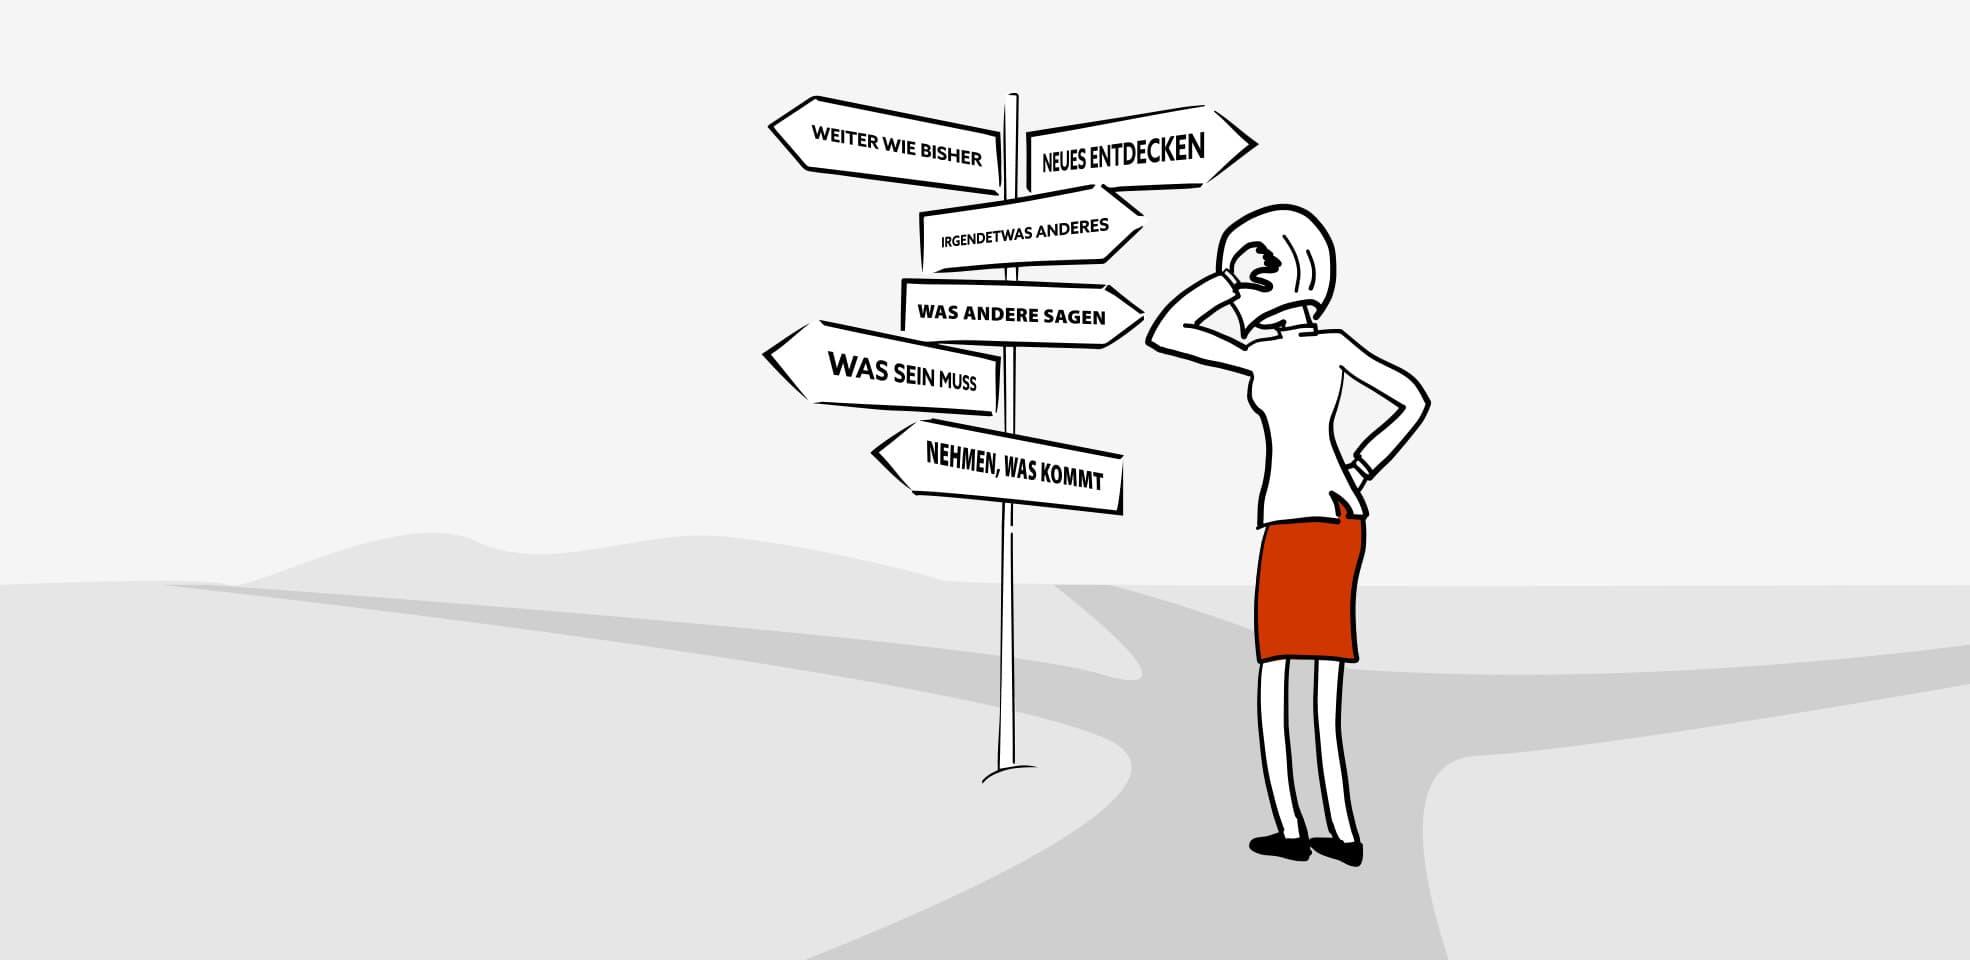 Berufliche Neuorientierung / Berufliche Umorientierung - Beratungsansatz